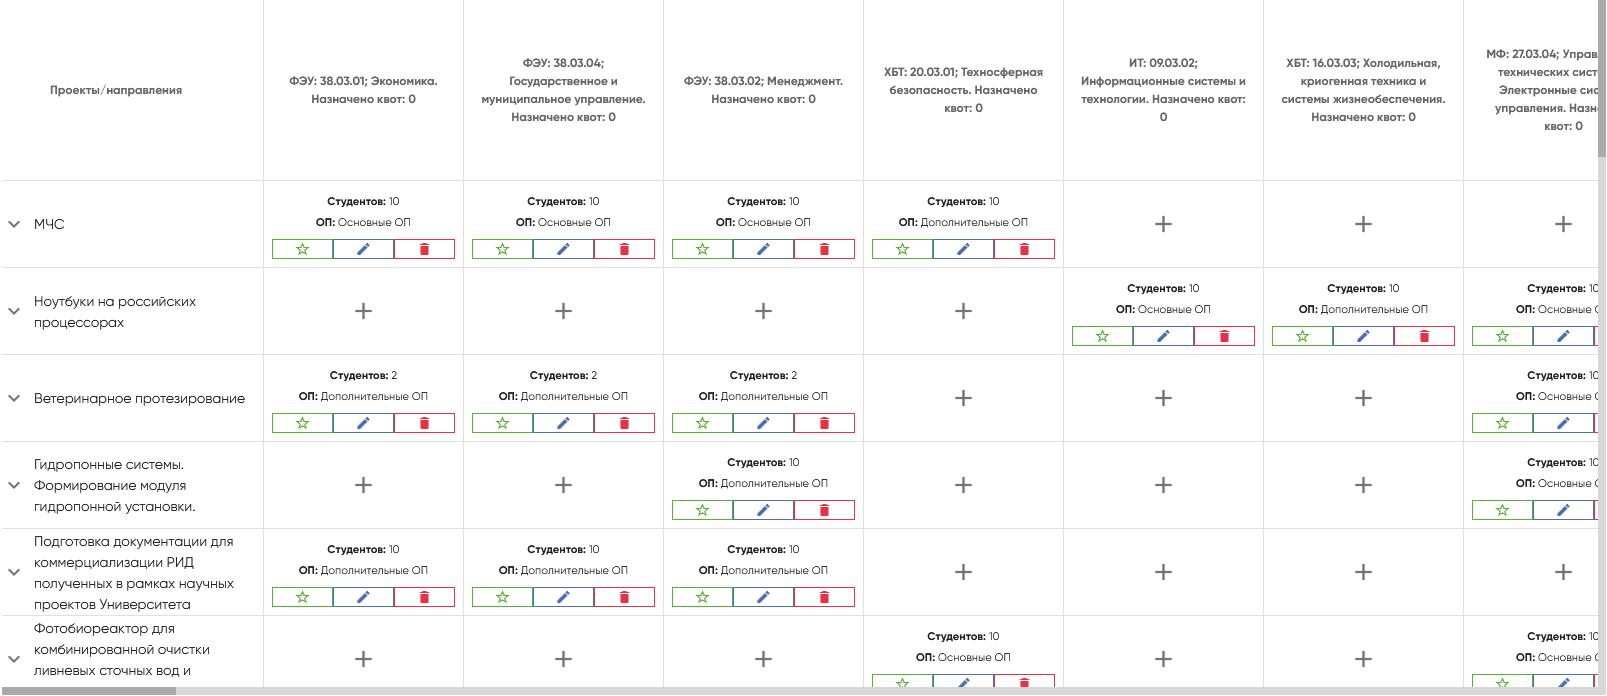 Проблемы рендера 7-и тысяч элементов на Vuetify